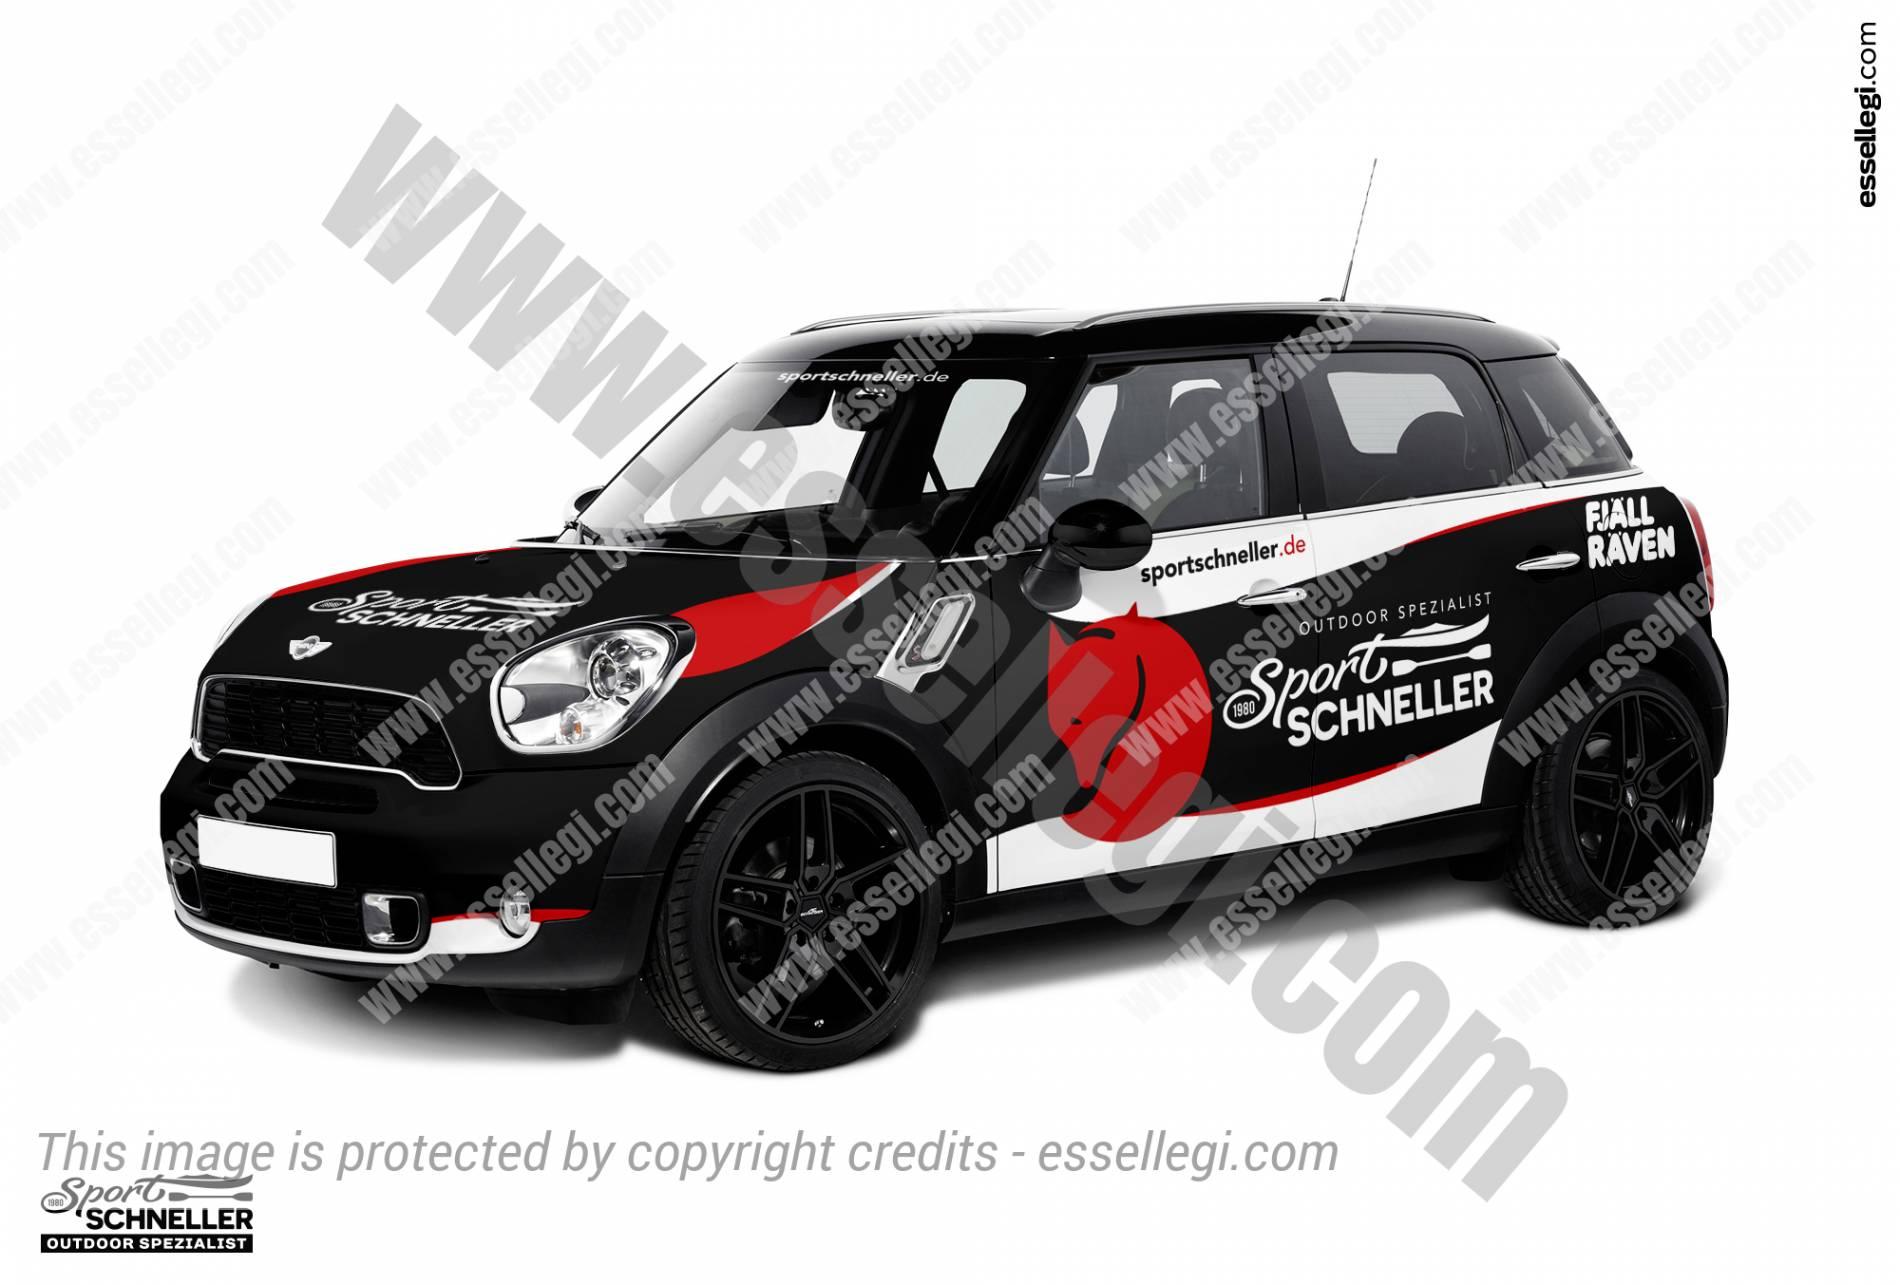 Mini Cooper Countryman   Car Wrap Design by Essellegi. Car Signs, Car Signage, Car Signwriting, Car Wrap Designer, Car Wrap Design by Essellegi.